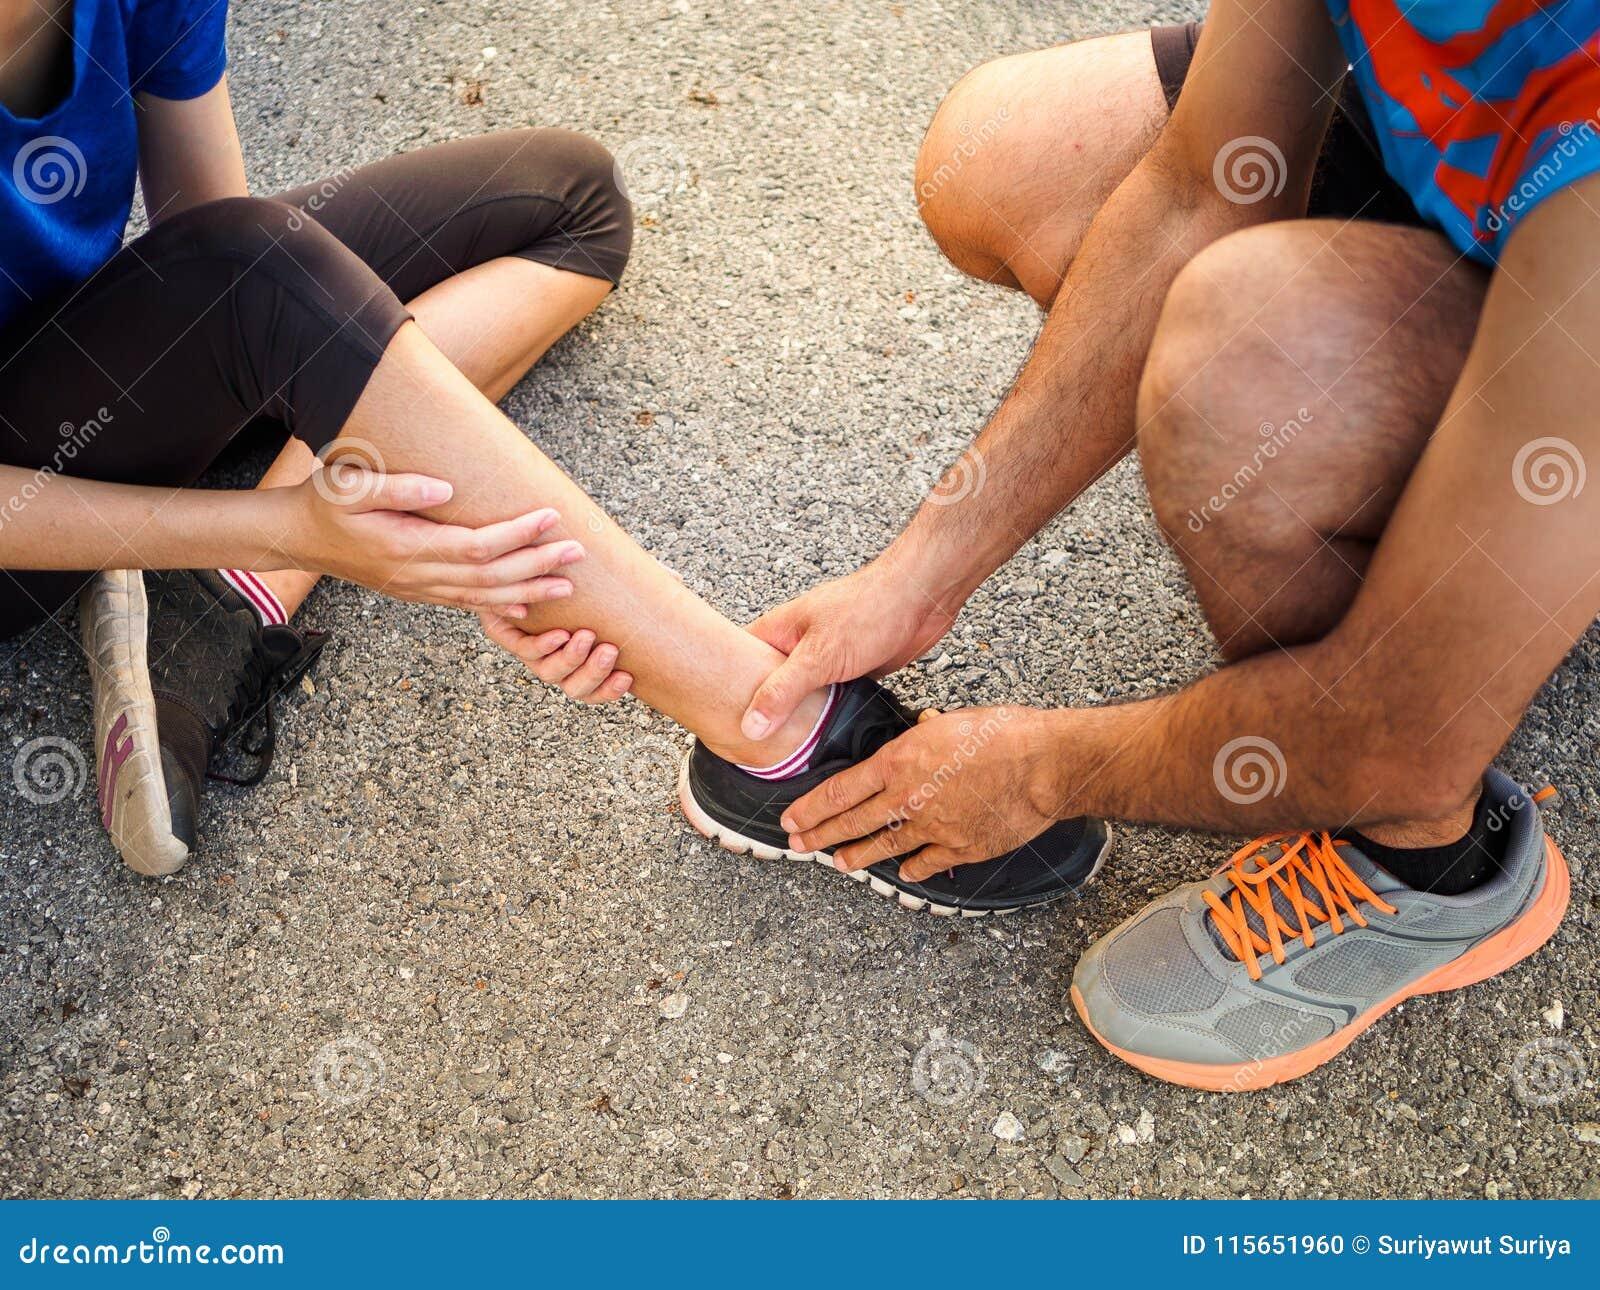 被扭伤的脚腕 遭受脚踝受伤的少妇,当时